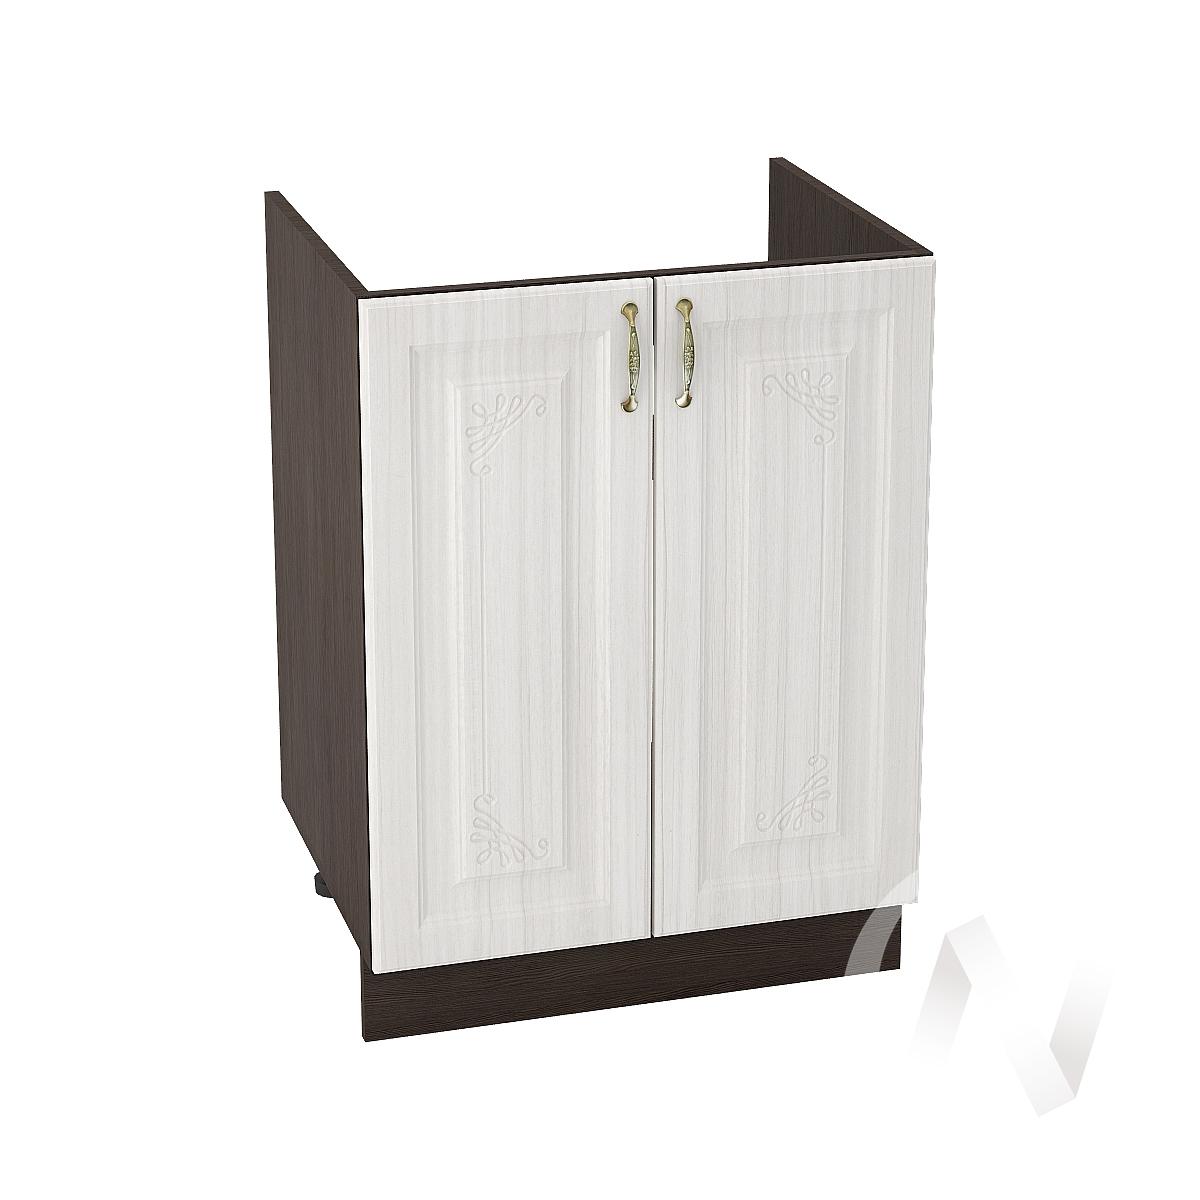 """Кухня """"Виктория"""": Шкаф нижний под мойку 600, ШНМ 600 (корпус венге)"""